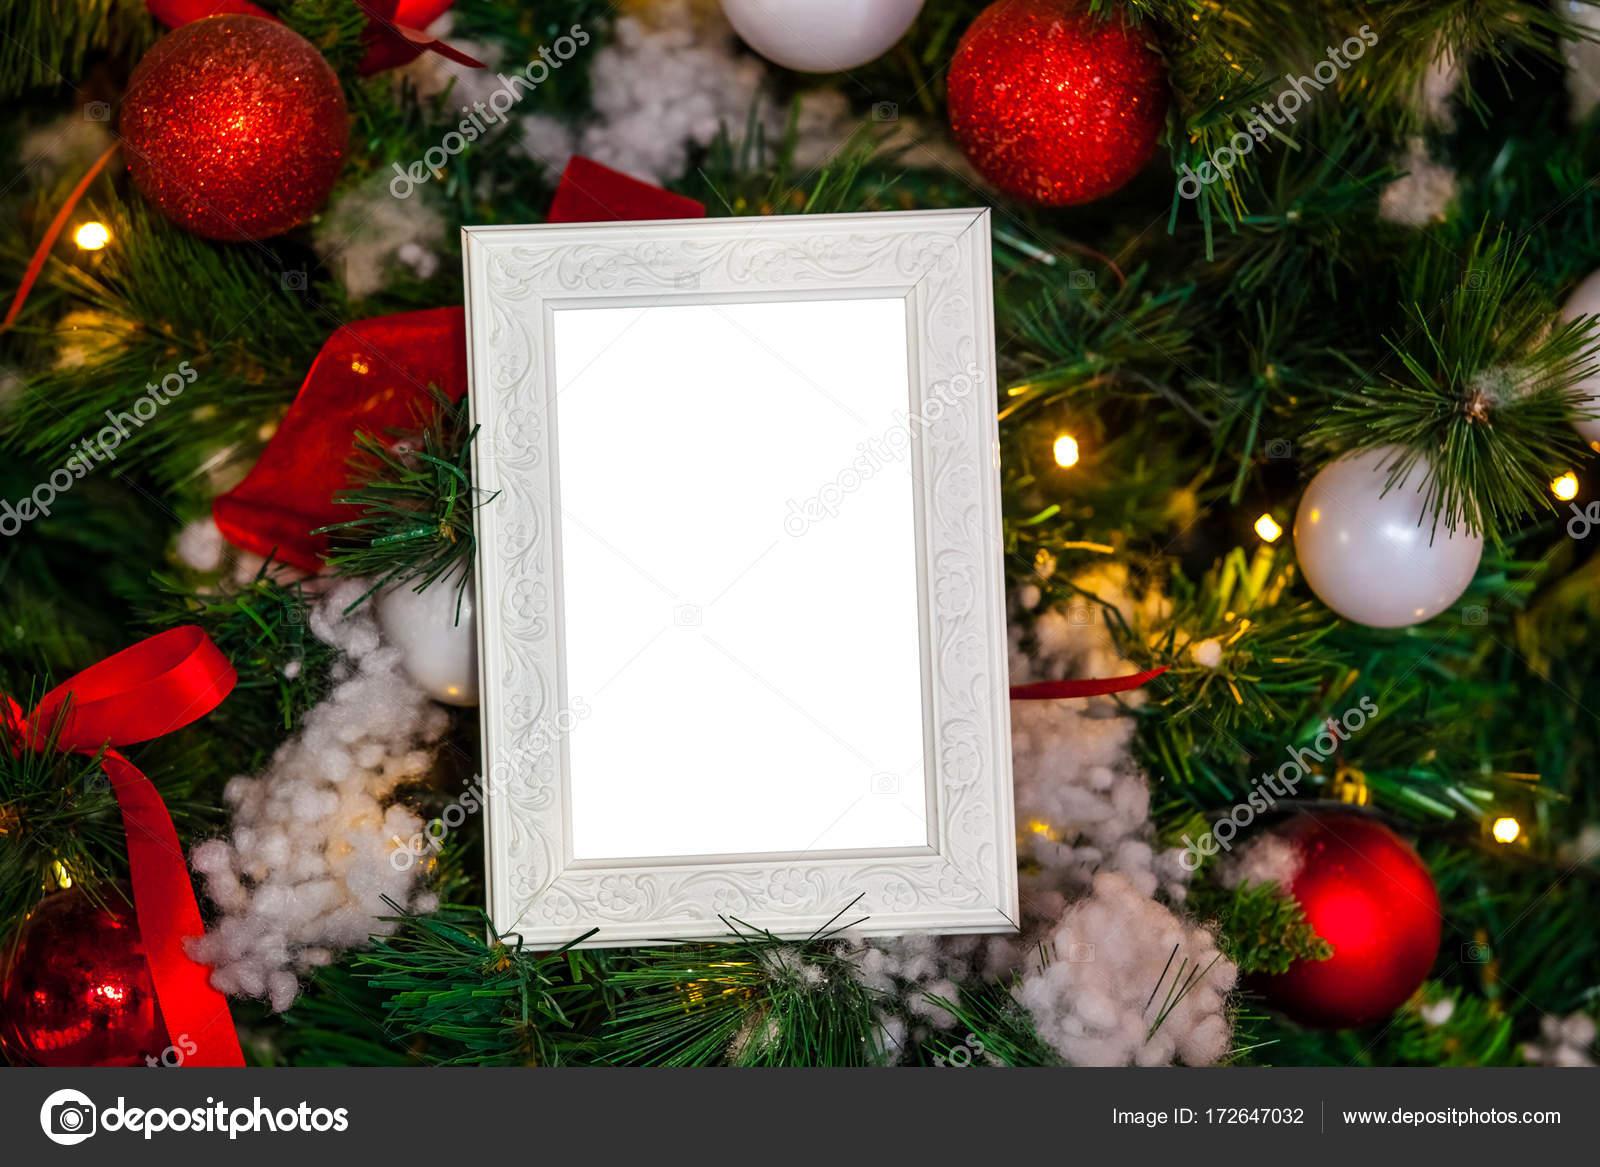 Fotorahmen Weihnachten.Fotorahmen Aus Weihnachten Dekoriert Hintergrund Stockfoto